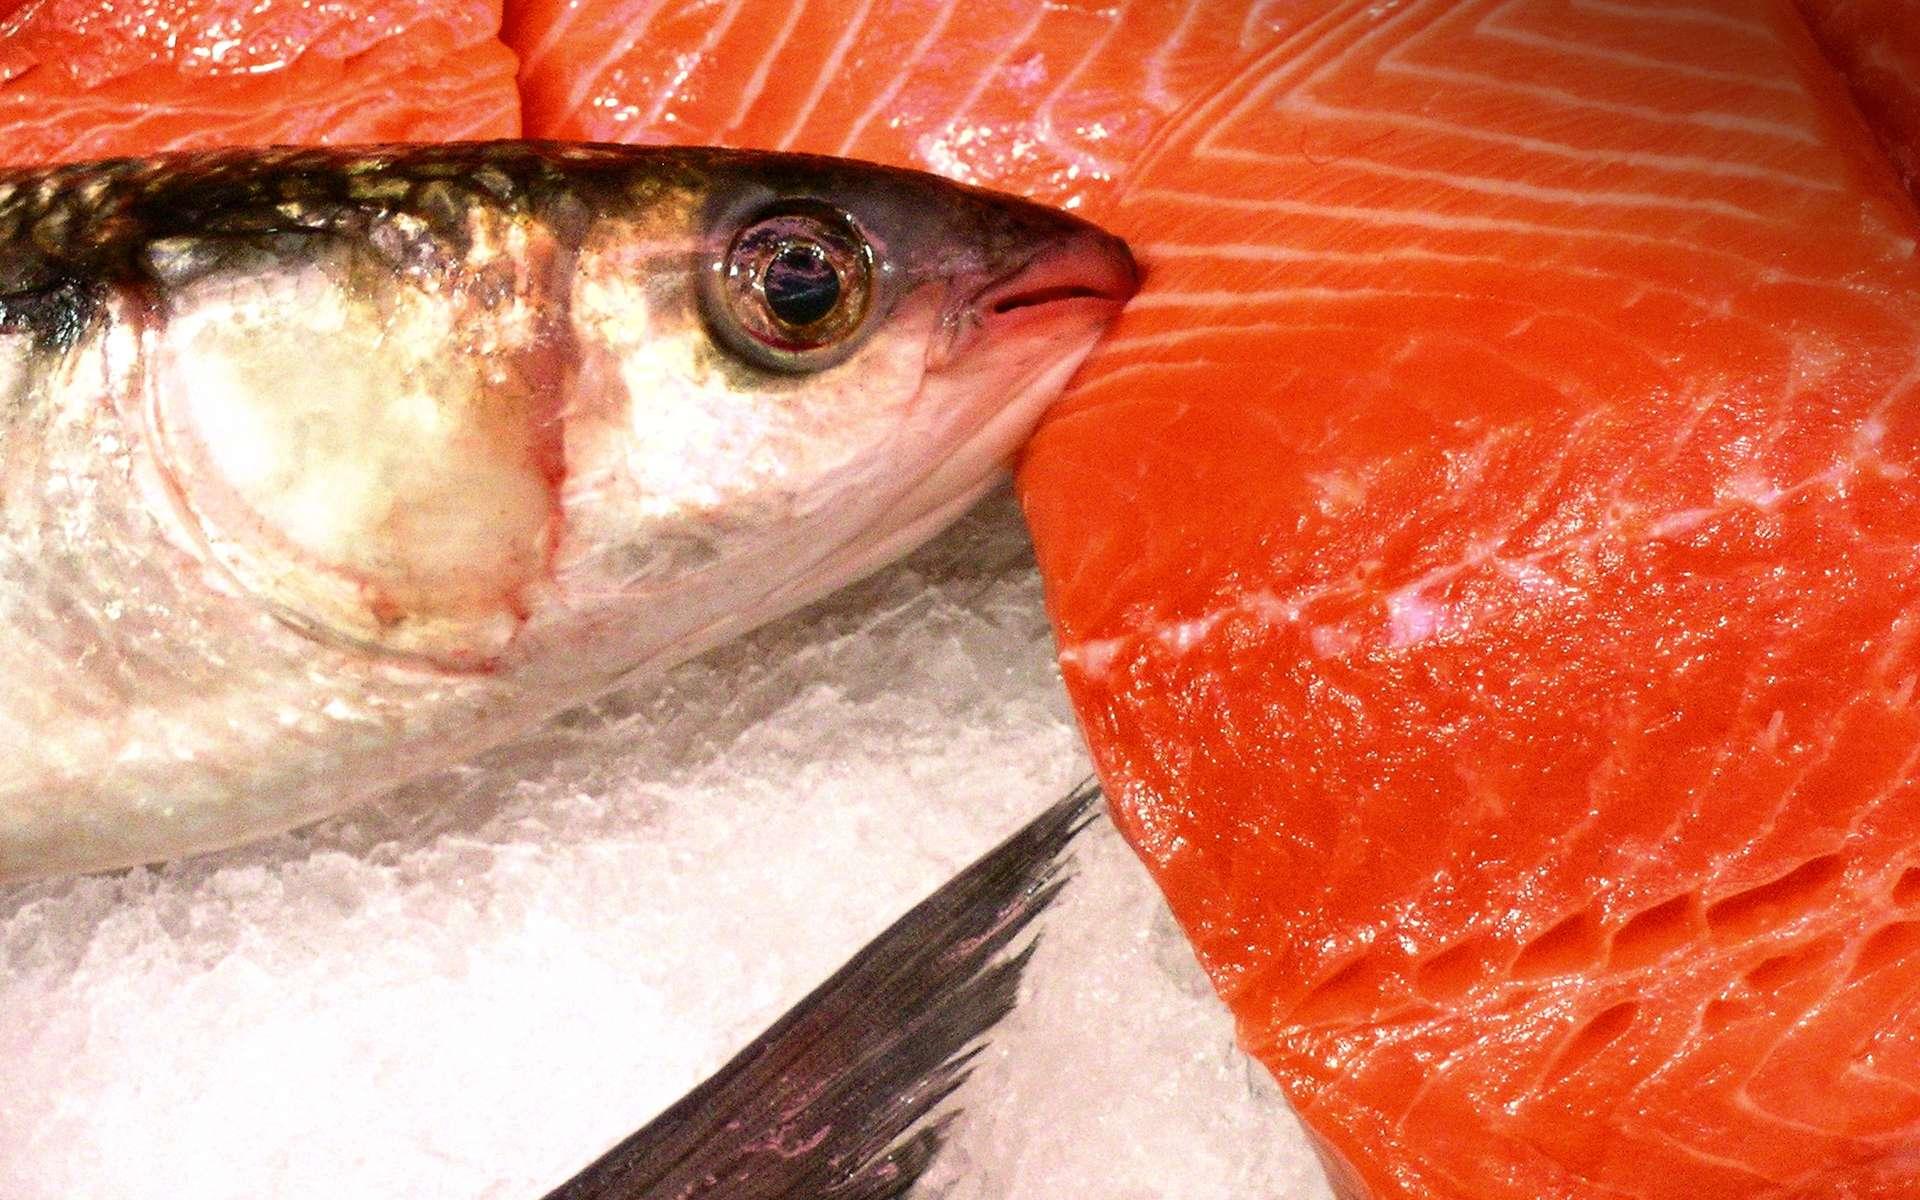 Le saumon est un des poissons les plus riches en oméga-3. © Jacques PALUT, Fotolia